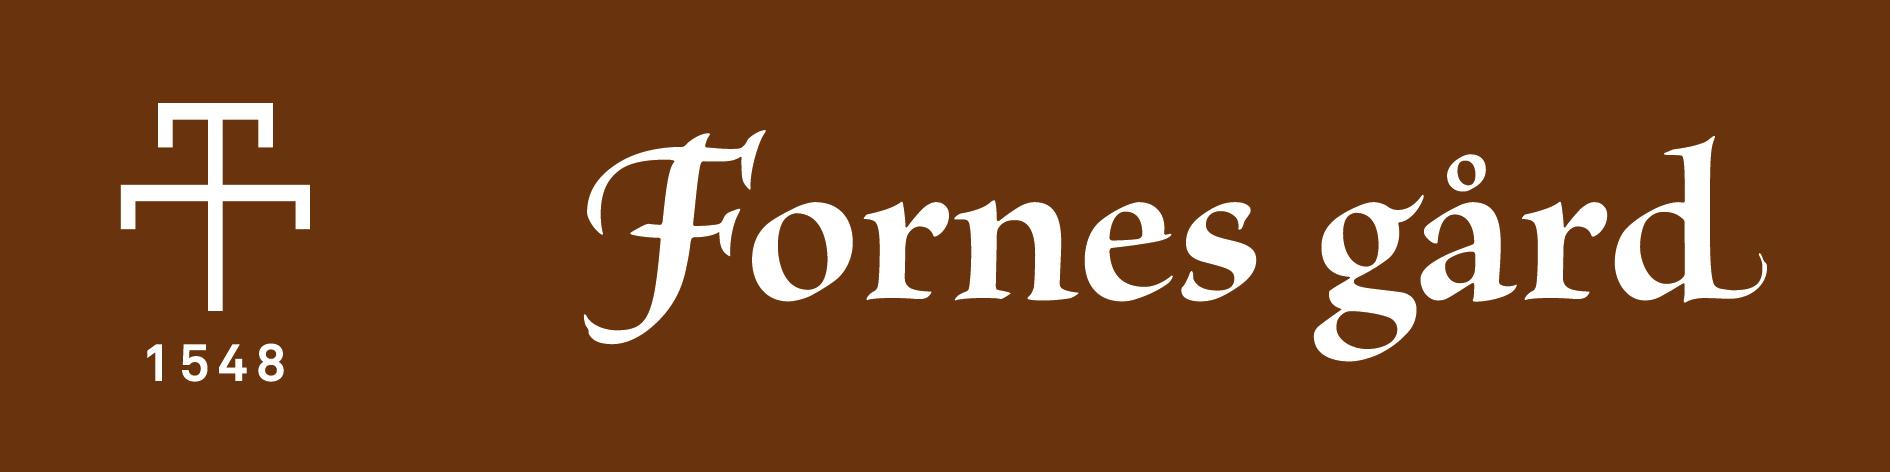 Fornes gård logo avlang-03.png